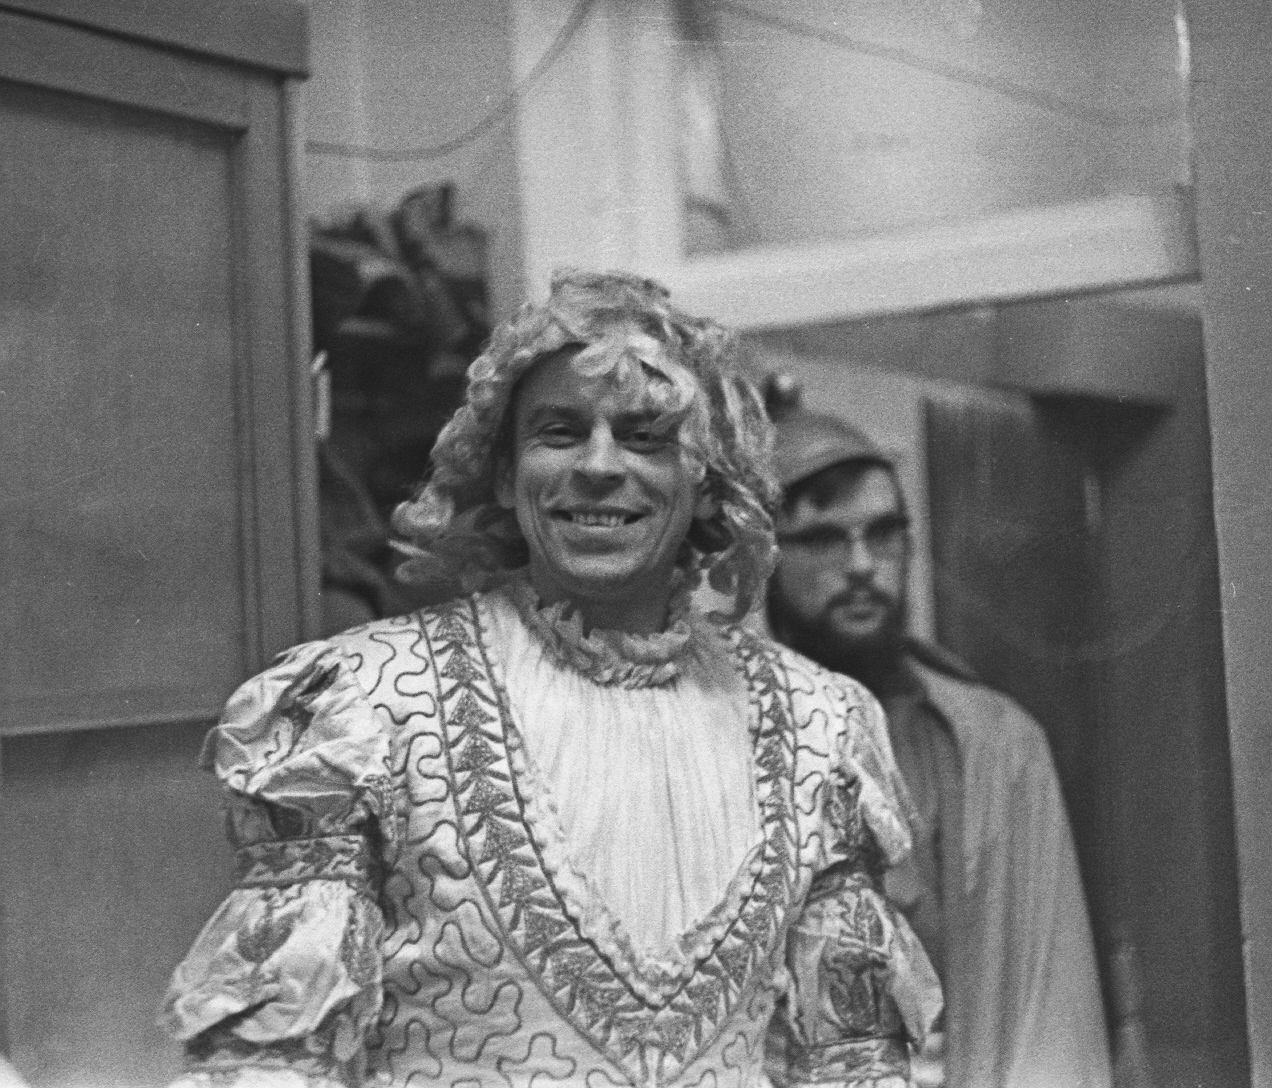 Ю.В. Гапонов в роли Аполлона во время исполнения оперы «Архимед» в 1973 году в Институте металлургии АН СССР им. А.А. Байкова